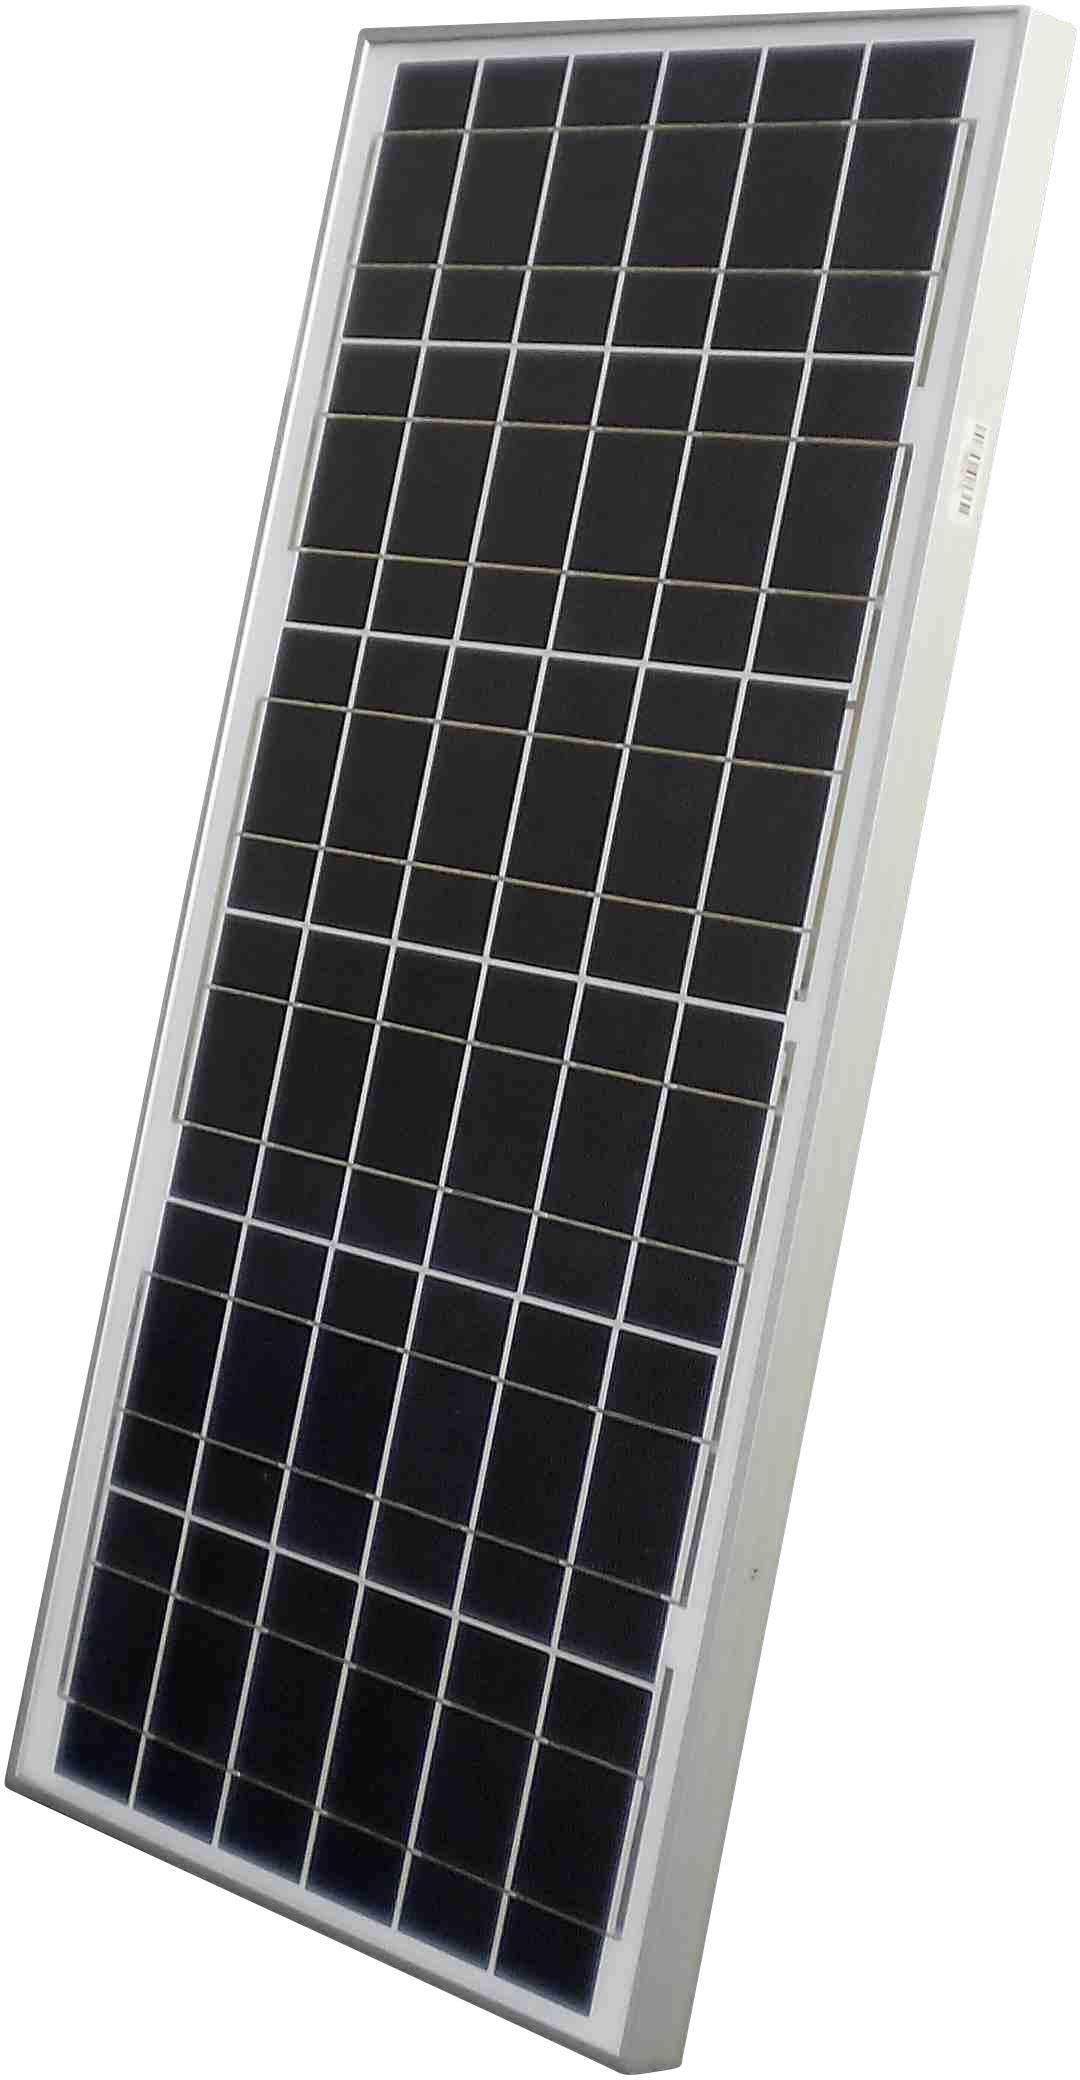 Monokrystalický solární panel Sunset AS 50 C, 2750 mA, 50 Wp, 12 V